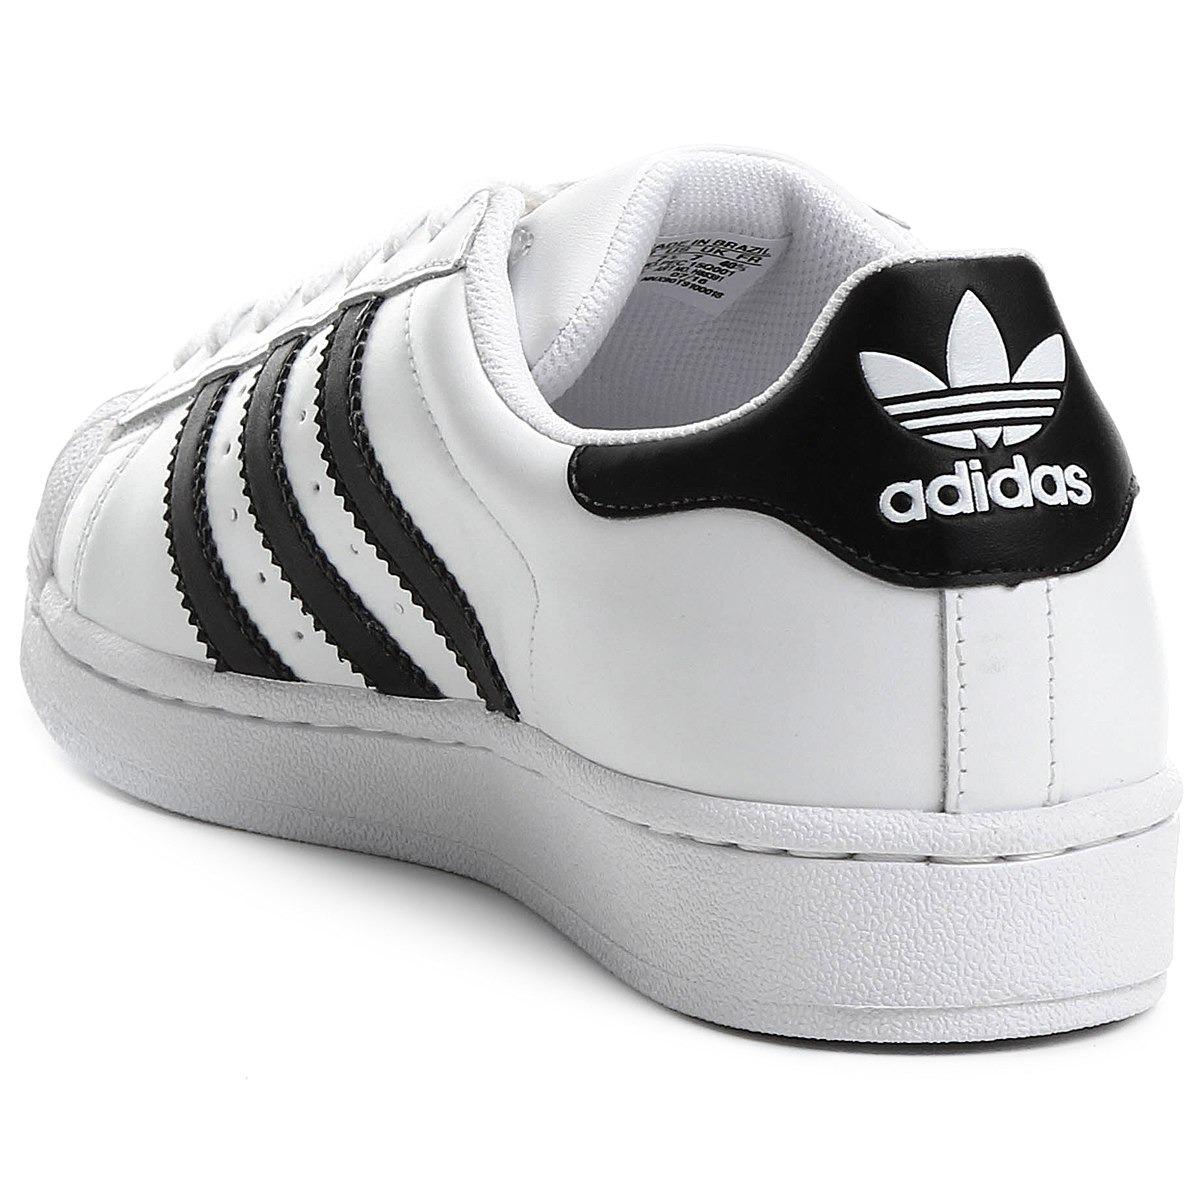 b167f87523b tênis adidas superstar 34 ao 43 original couro super oferta. Carregando  zoom.